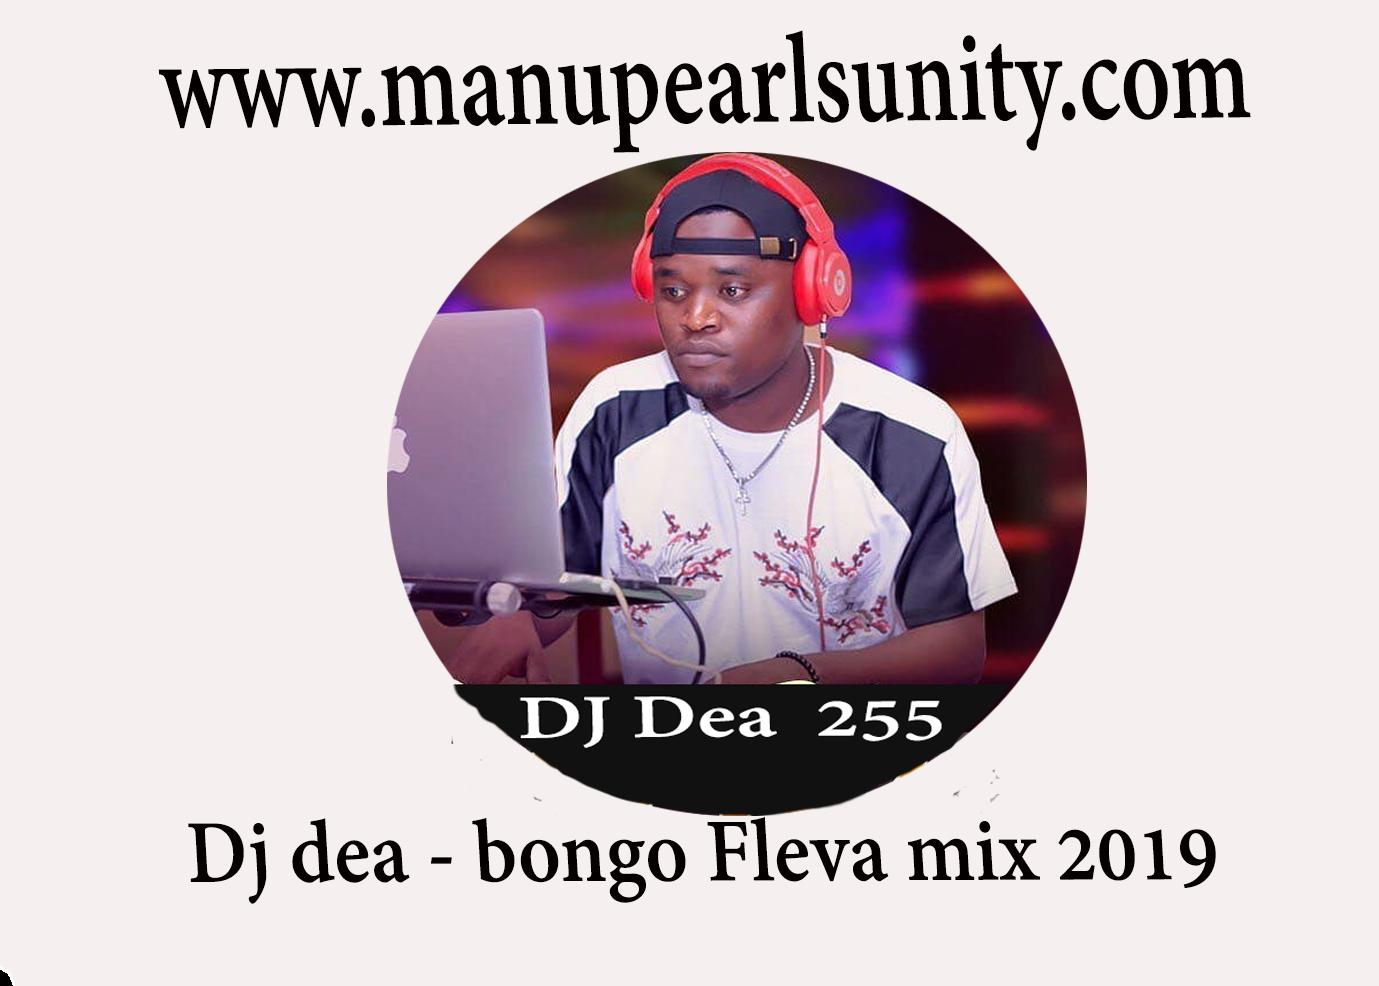 Dj Dea 255 - Bongo Fleva mix May 2019 Download ~ Manupearls